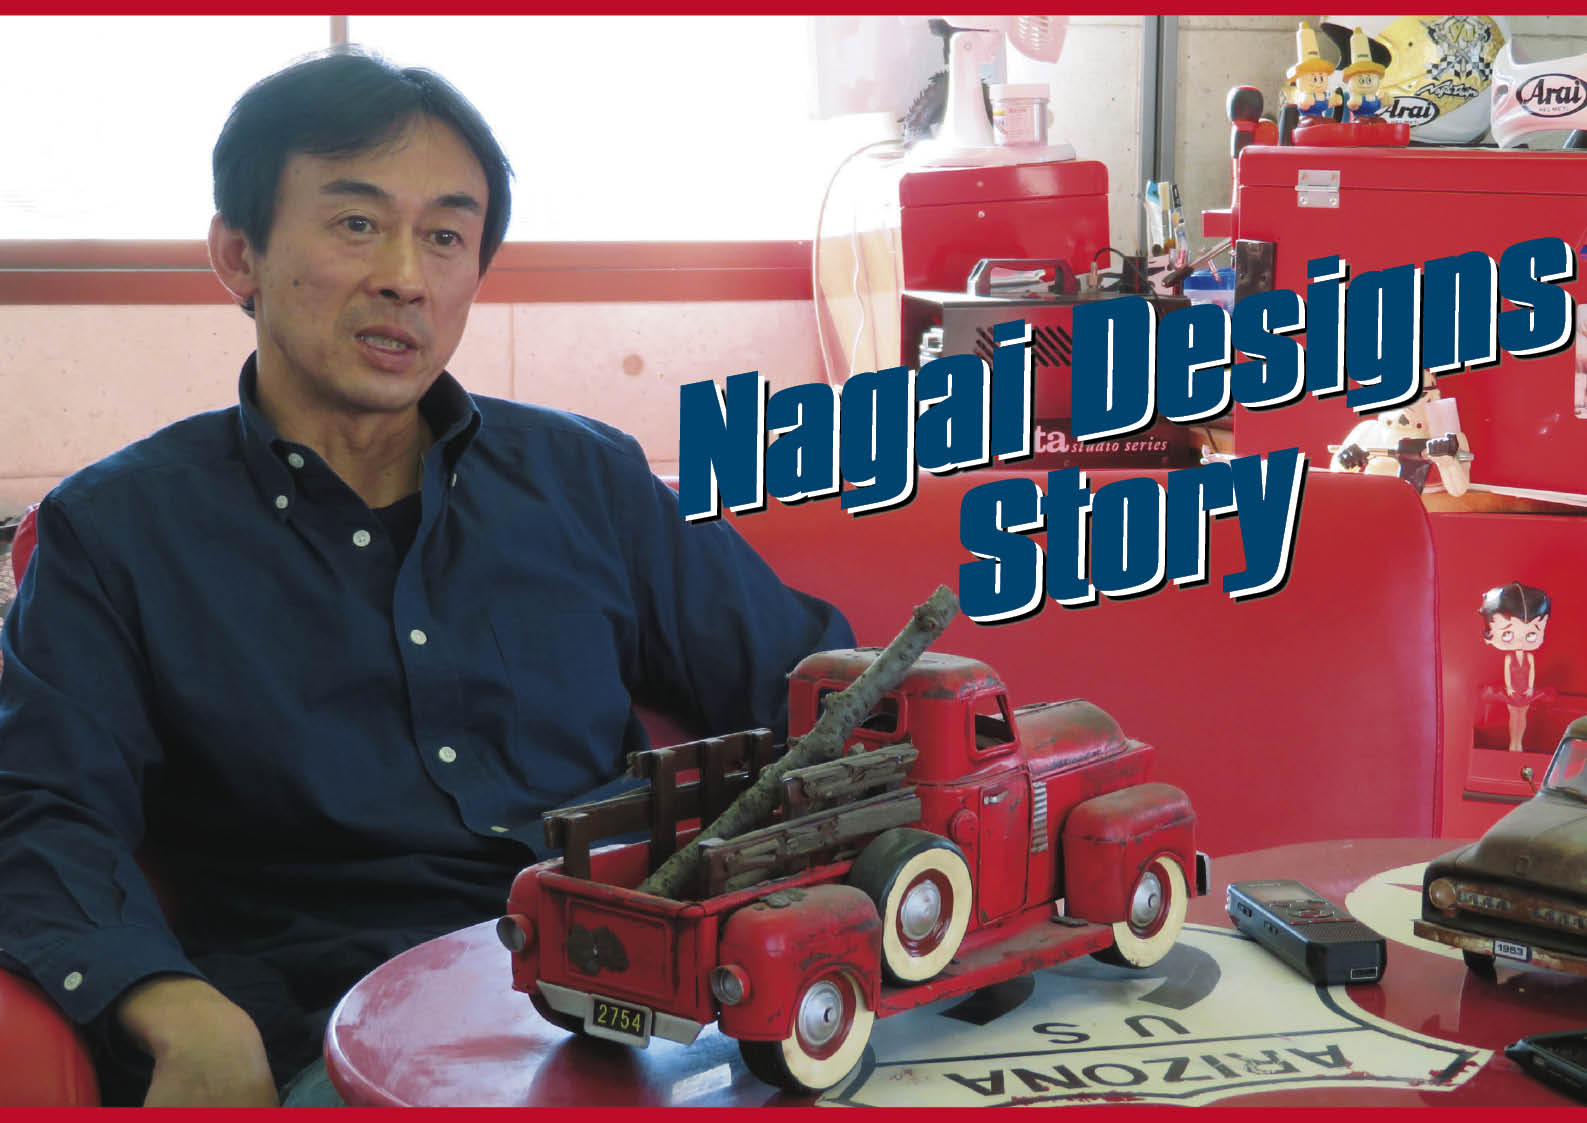 ヘルメットペイントの第一人者 ナガイデザイン代表 長井崇氏 インタビュー  1/2 ジェットスキー(水上バイク)